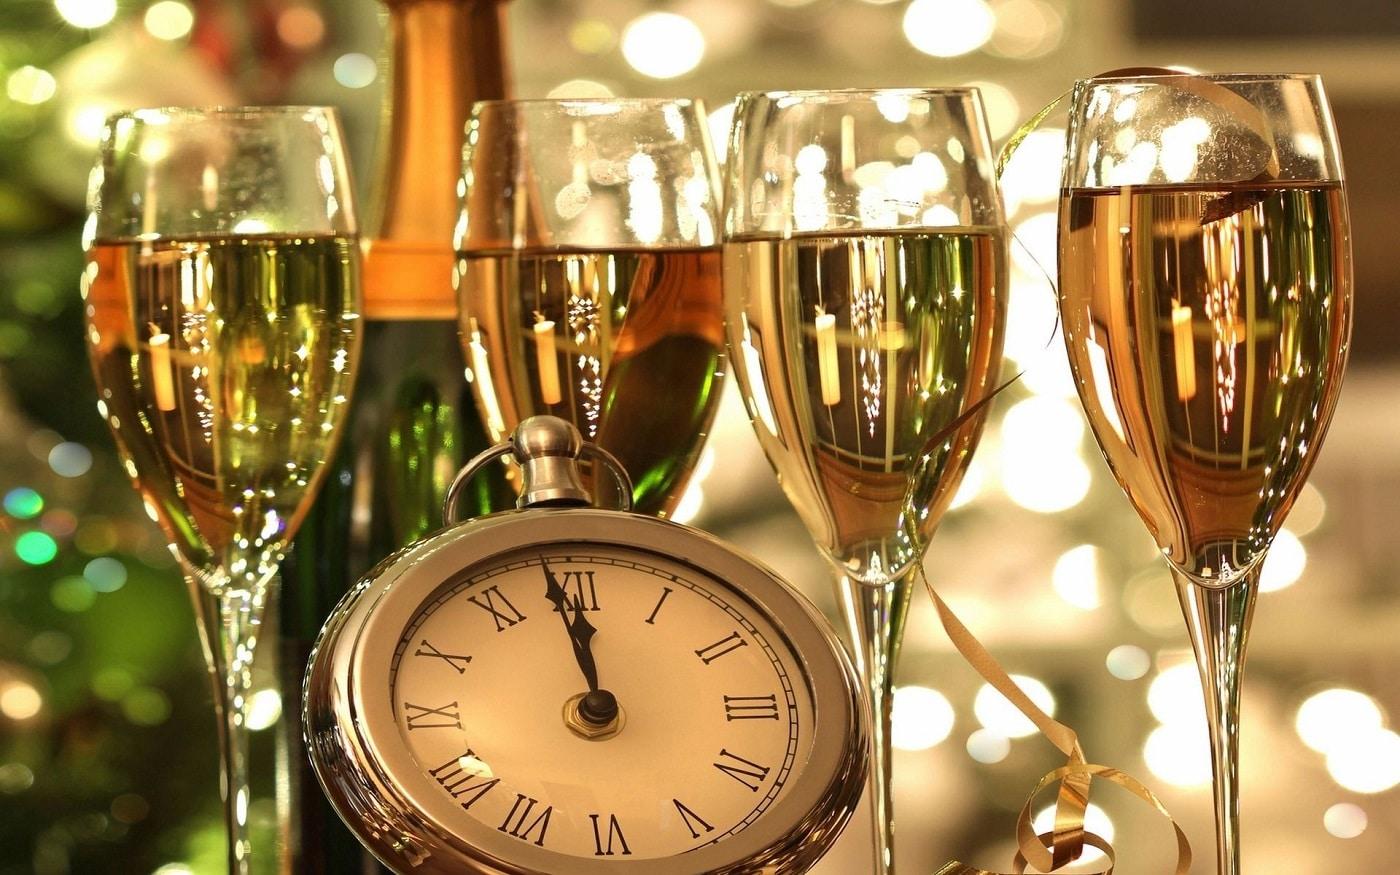 Anul Nou, un moment de bucurie